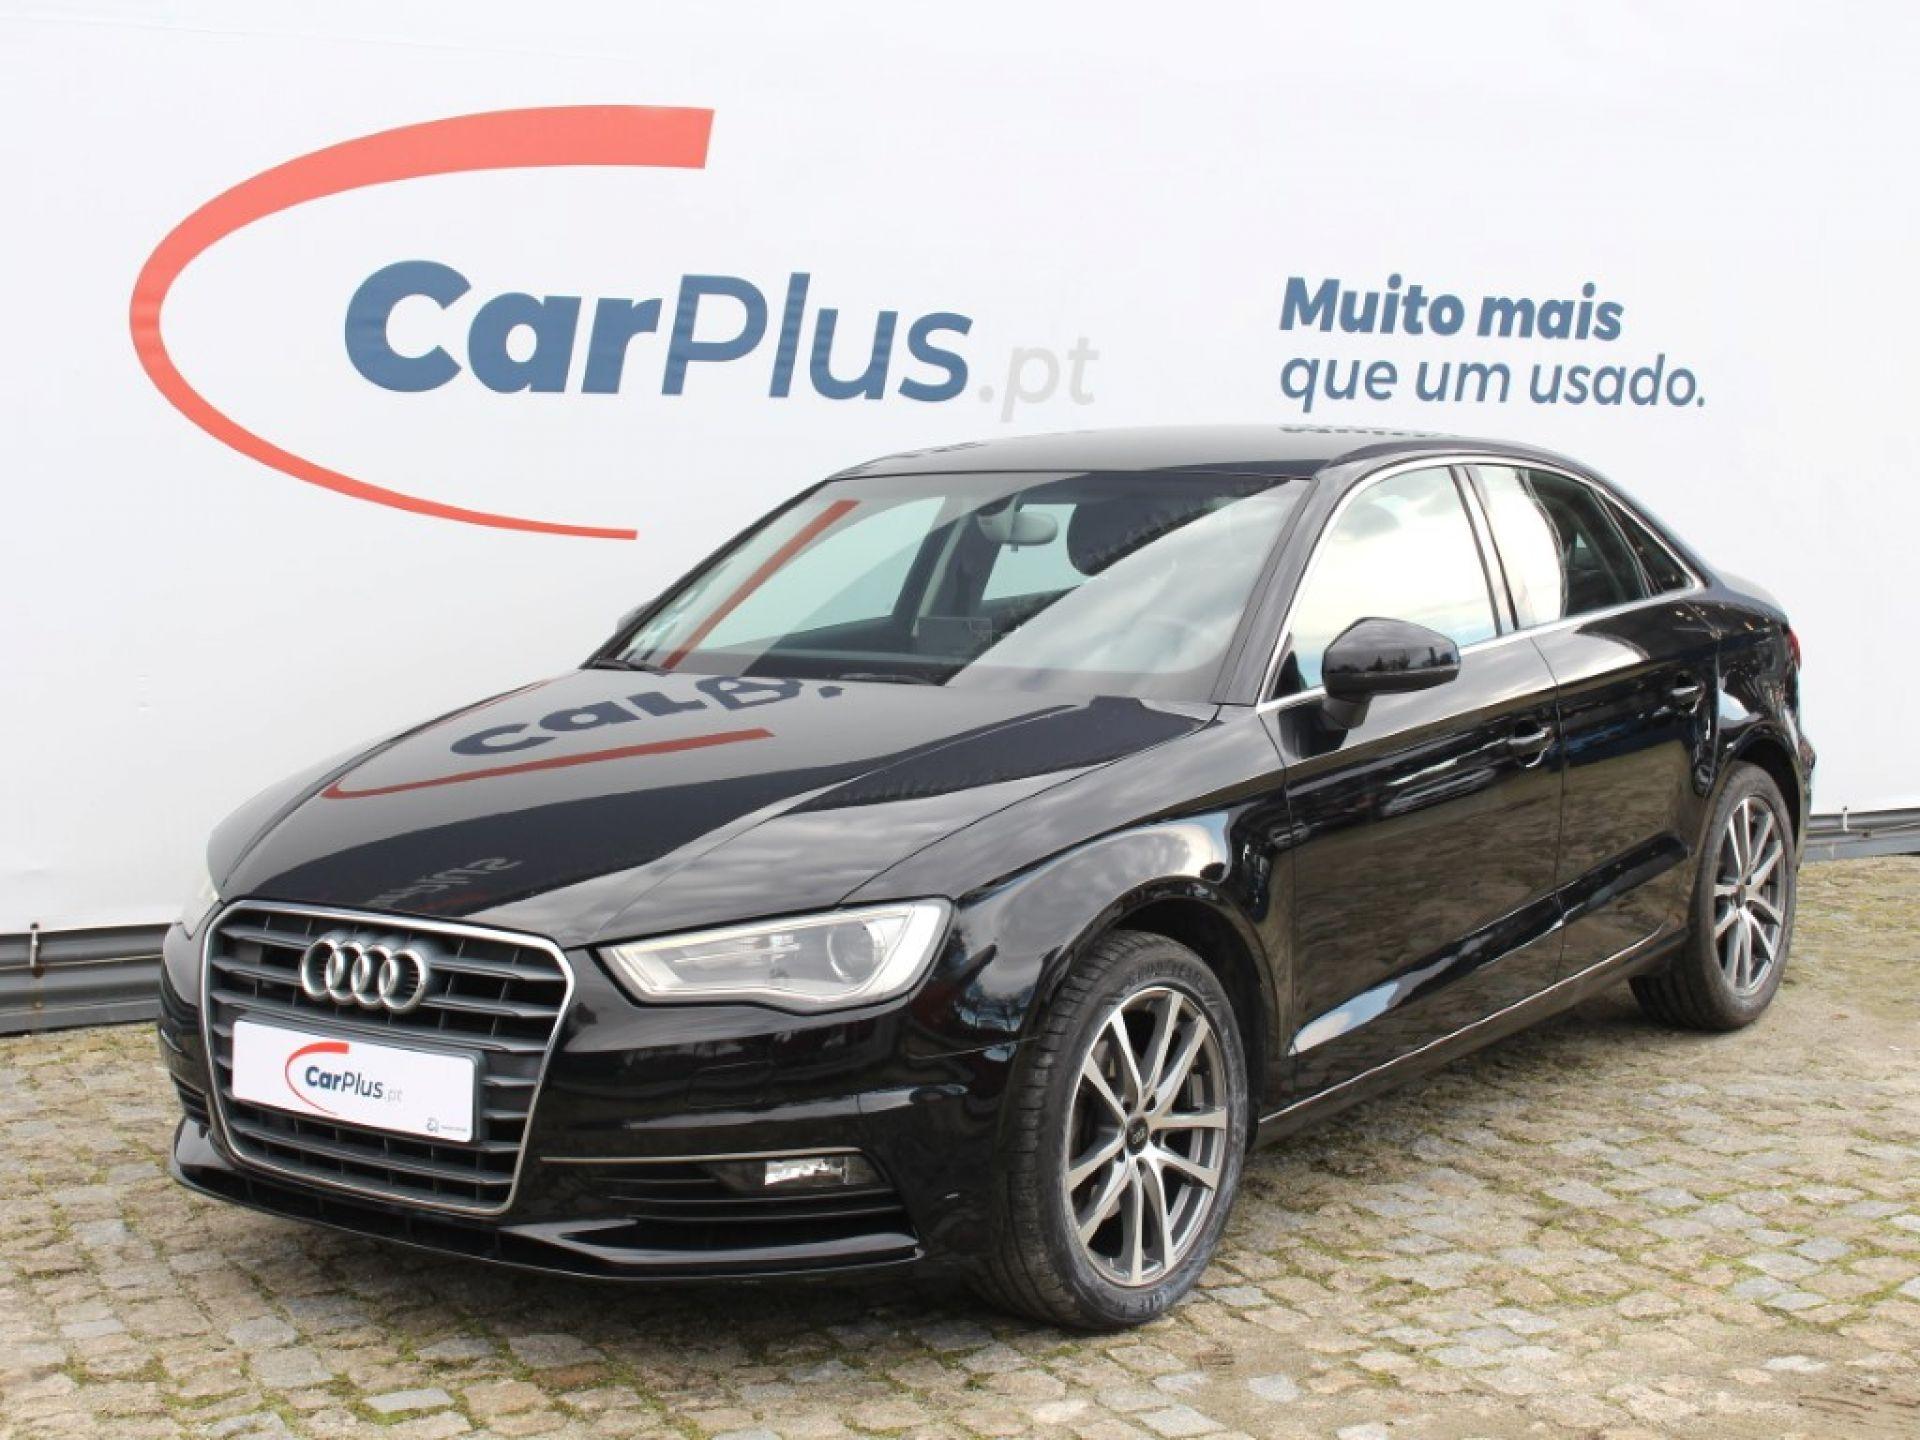 Audi A3 1.6 TDI Attraction segunda mão Porto